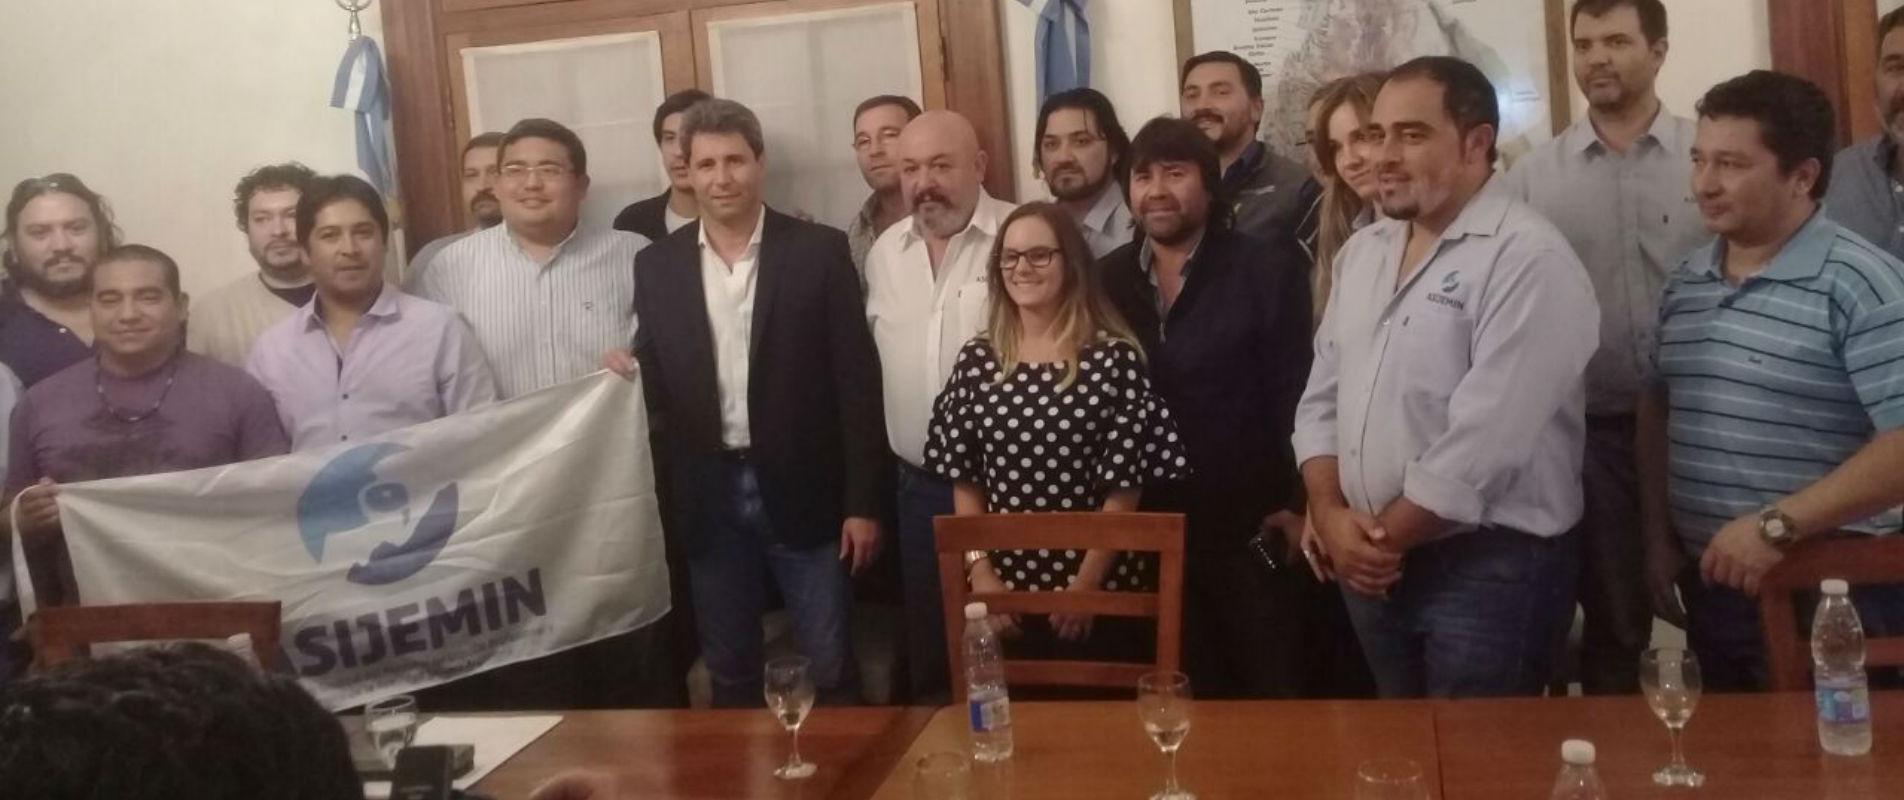 ASIJEMIN reclama la ratificación del convenio 176 de la OIT